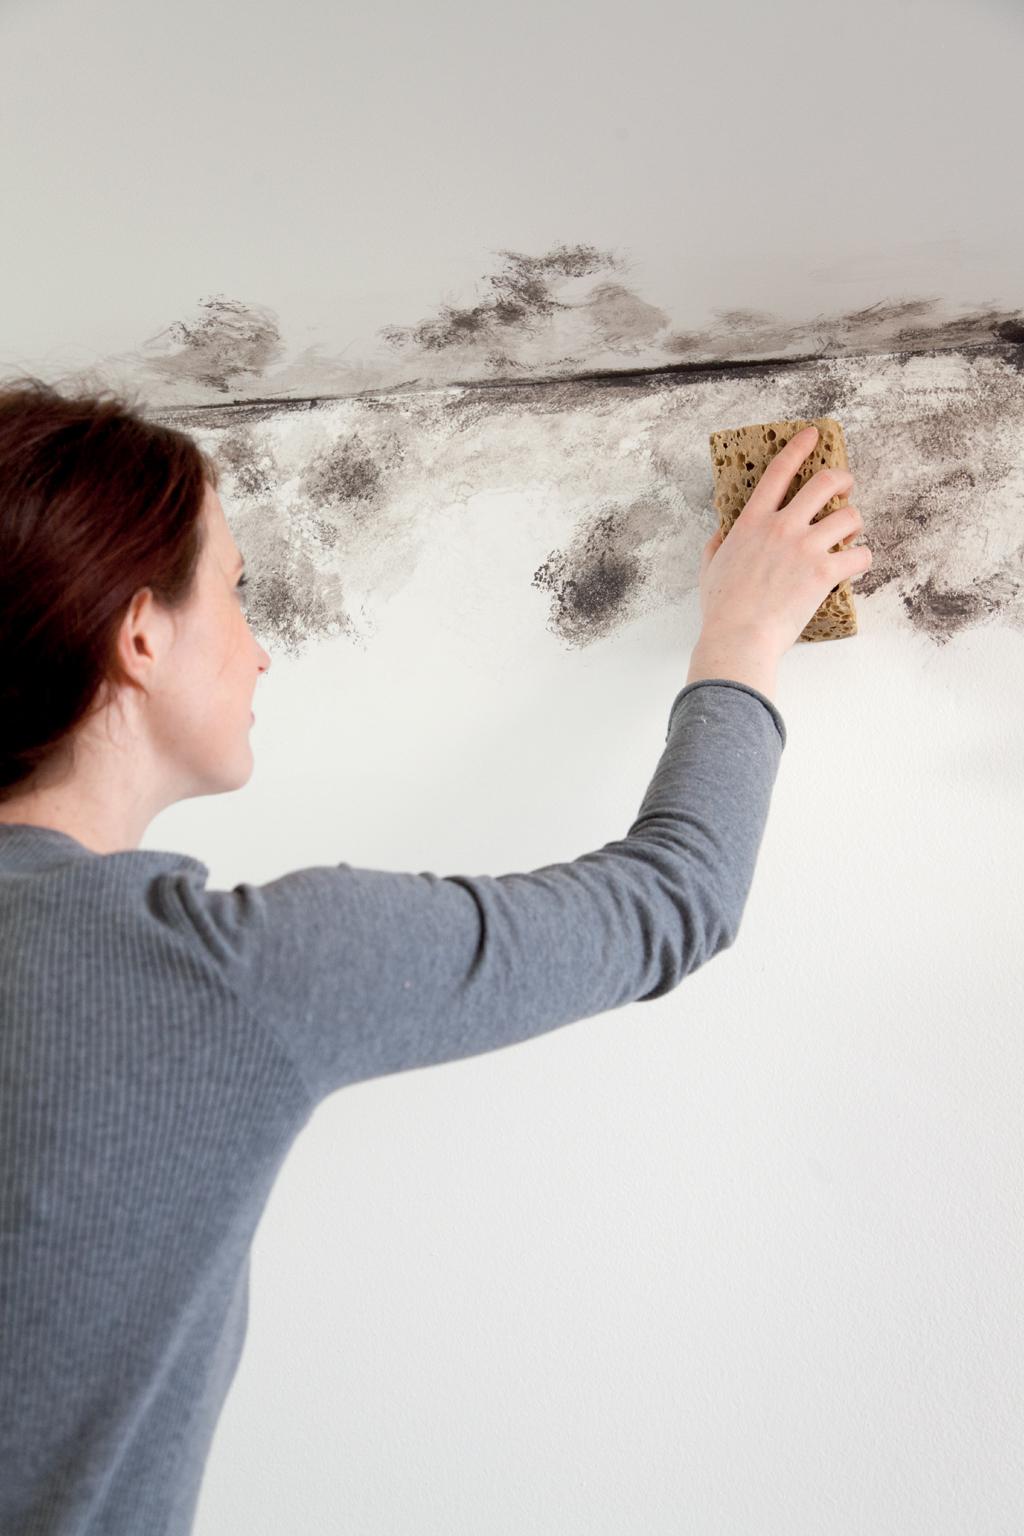 Traiter les murs de la salle de bains contre la condensation